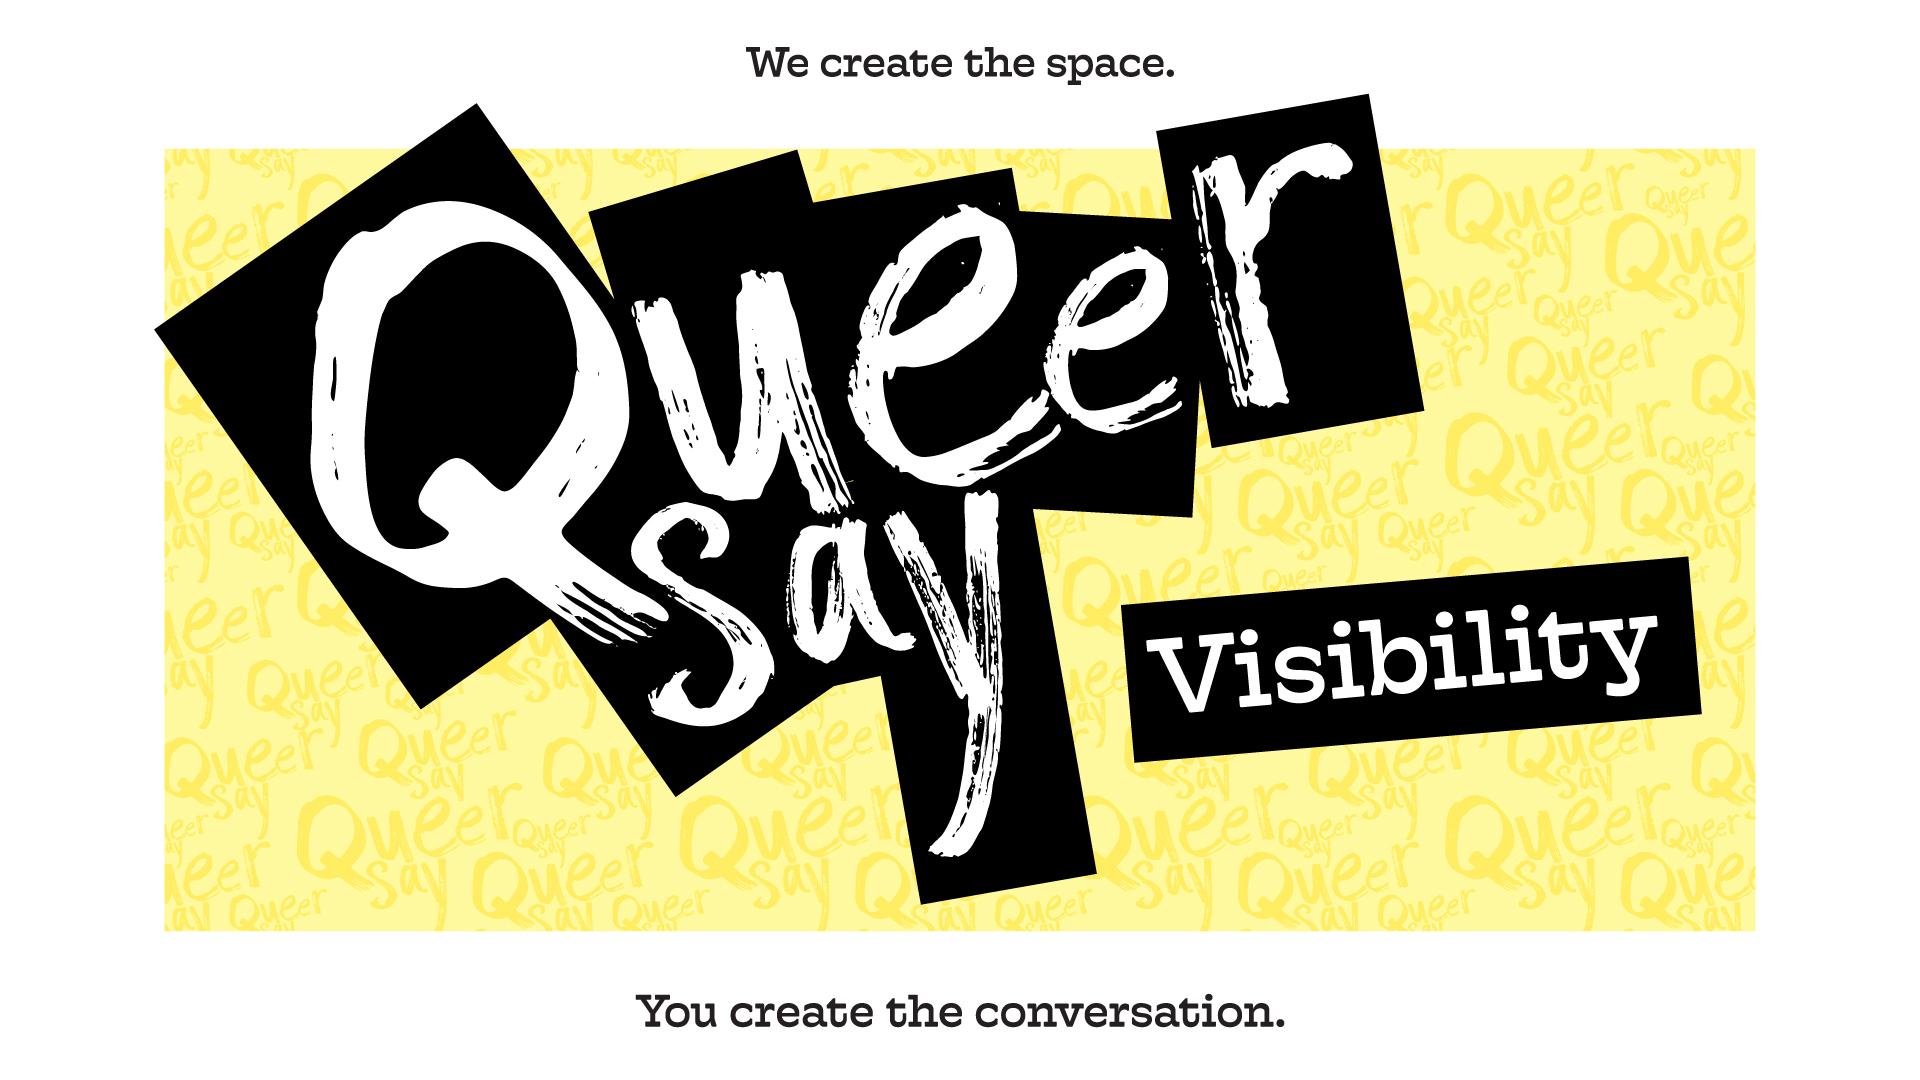 QueersayFacebookEventBanner.jpg